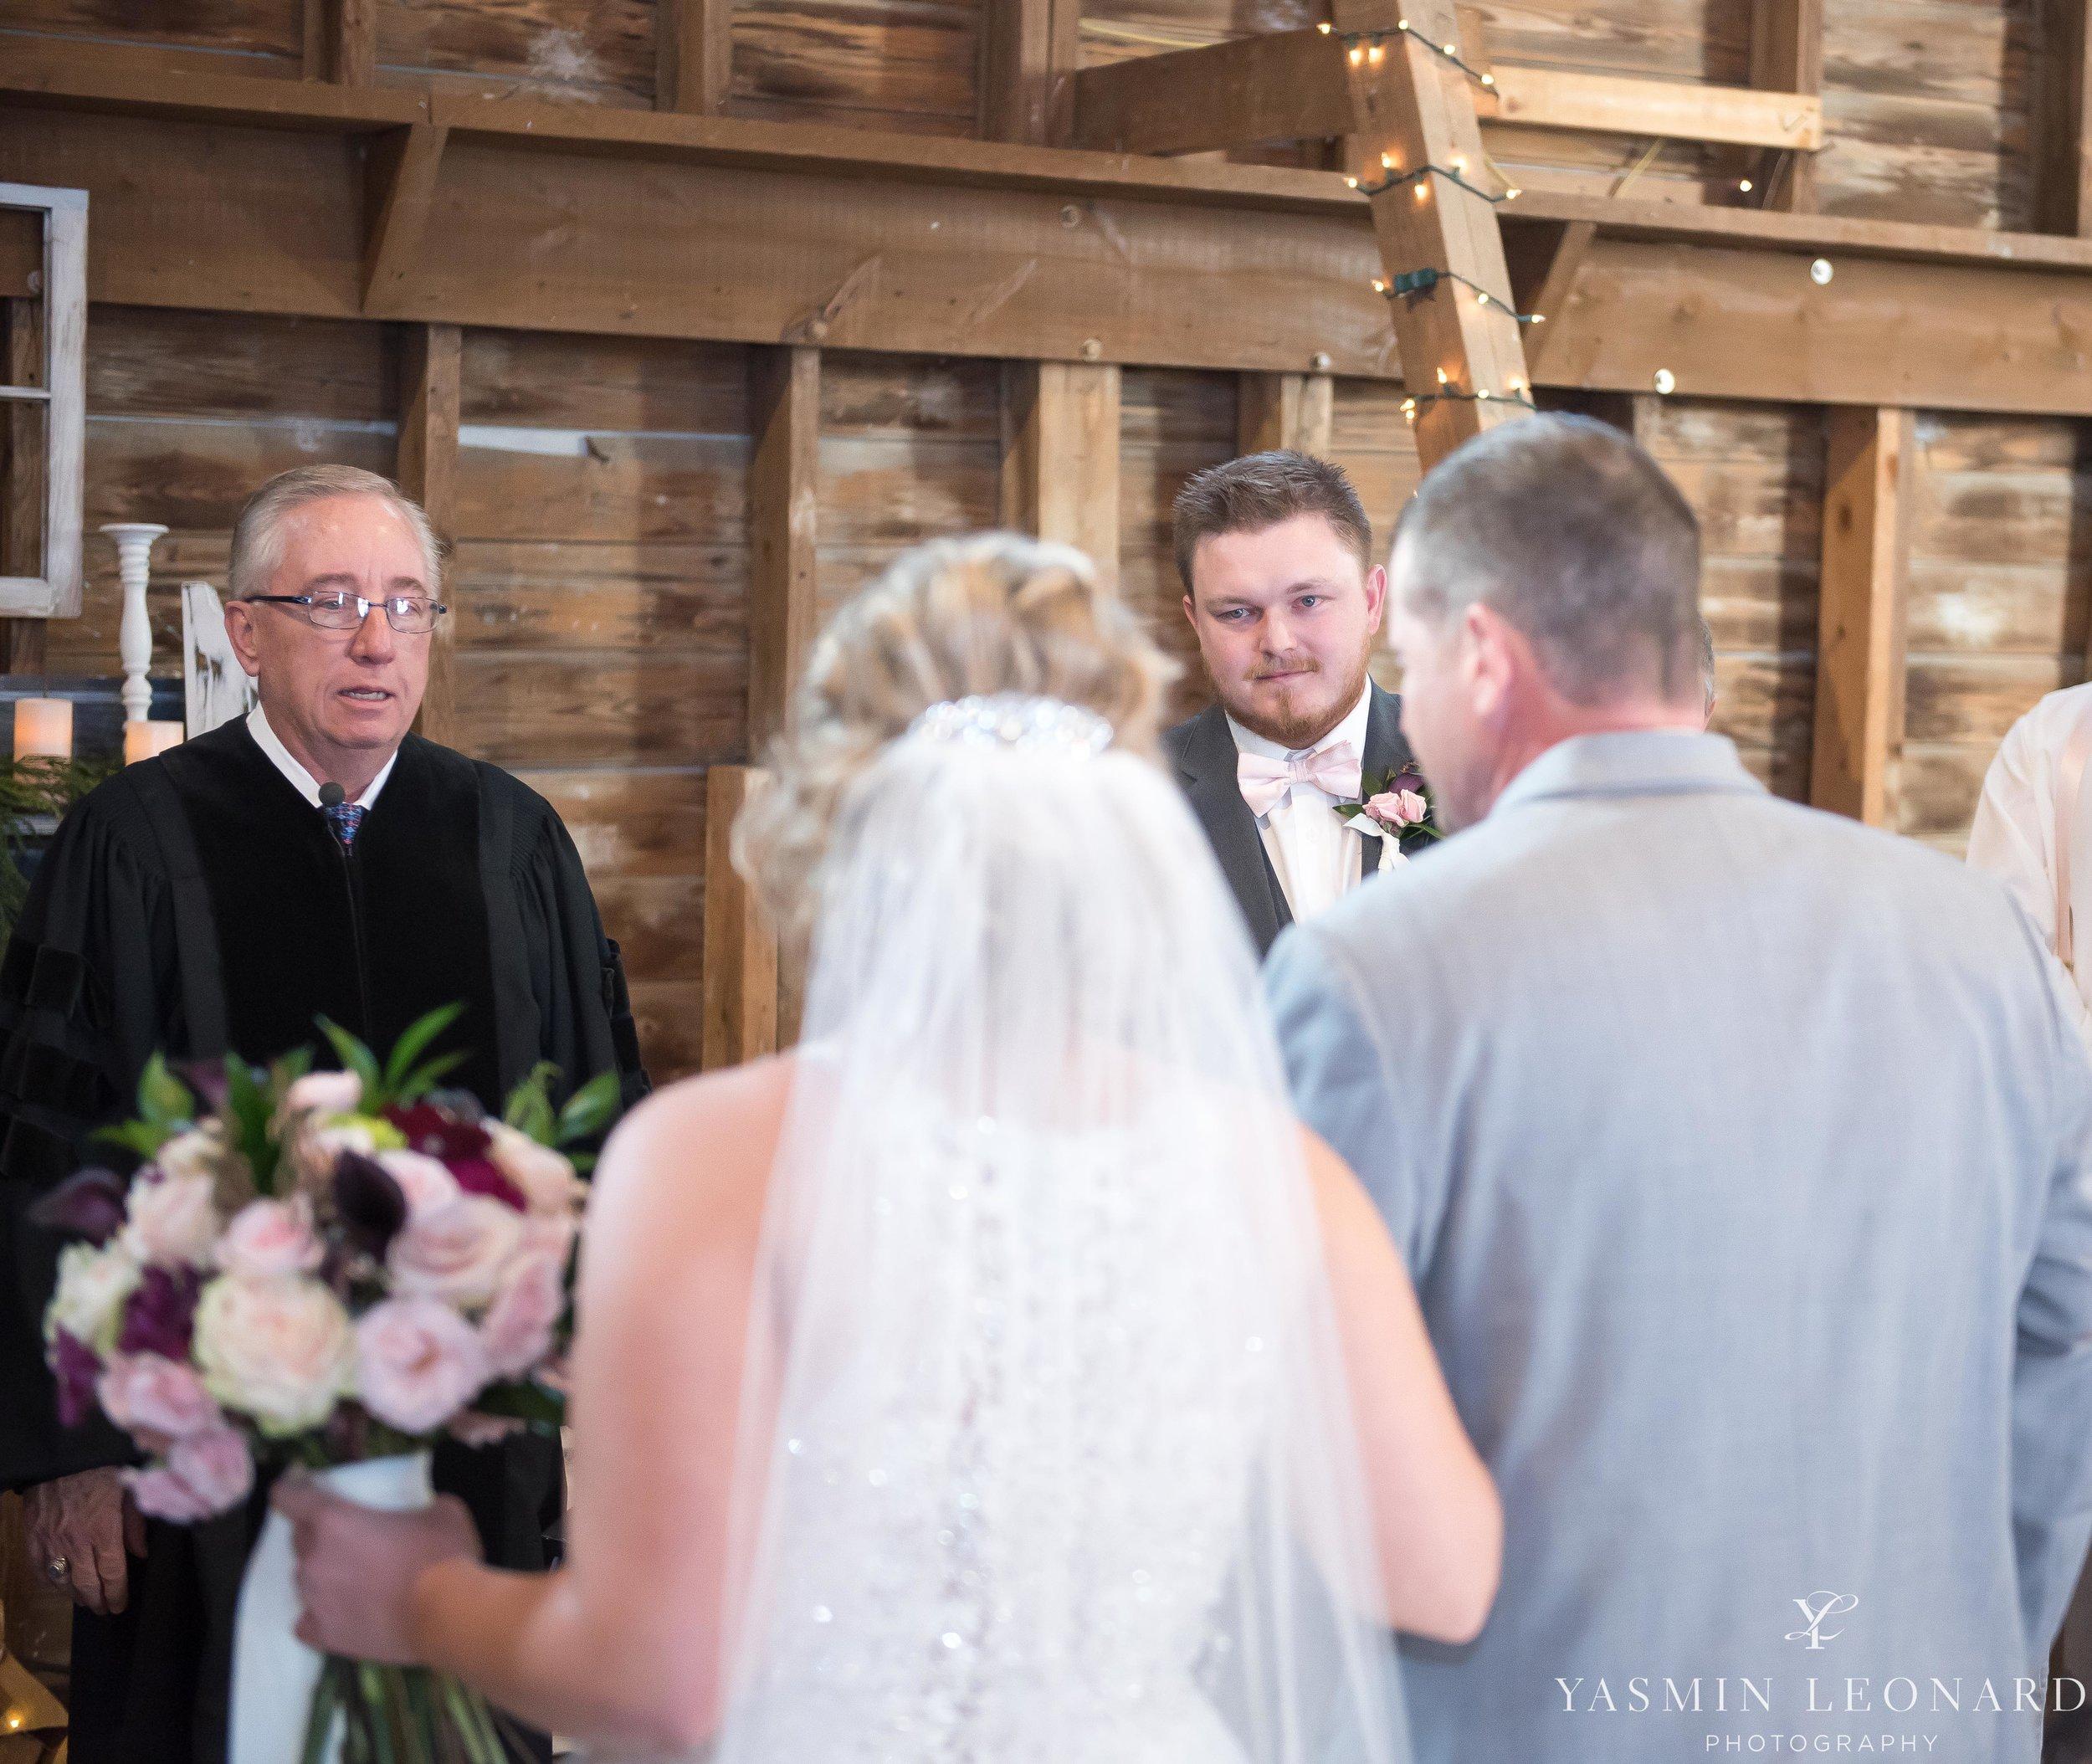 Millikan Farms - Millikan Farms Wedding - Sophia NC Wedding - NC Wedding - NC Wedding Photographer - Yasmin Leonard Photography - High Point Photographer - Barn Wedding - Wedding Venues in NC - Triad Wedding Photographer-42.jpg